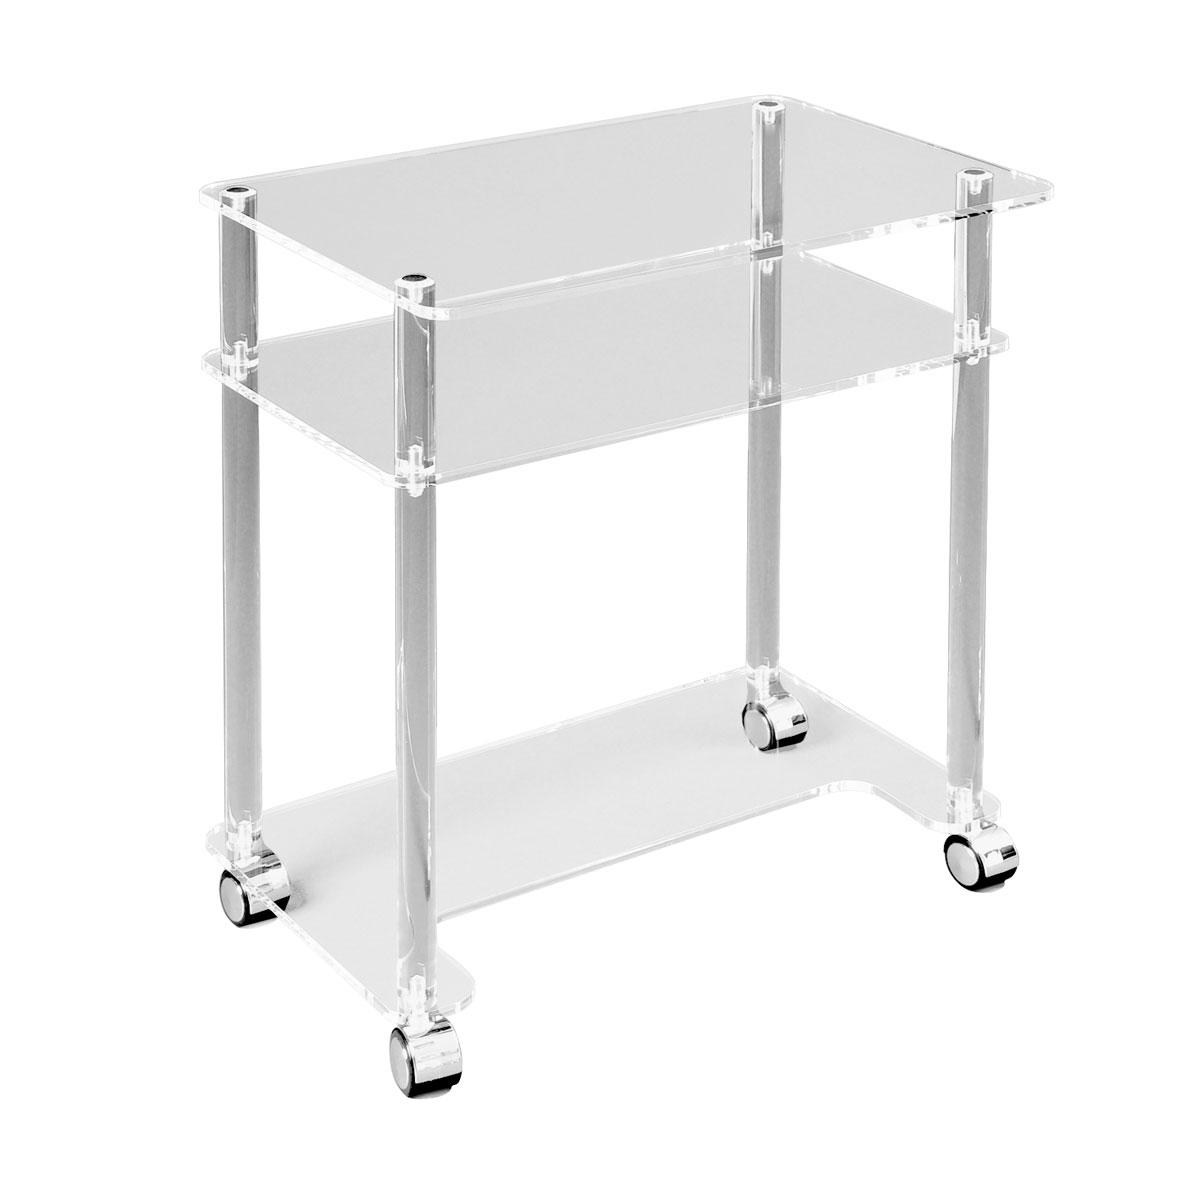 Tavolino in plexiglass 60 x 40 x 90 1009656 w14238 - Tavolino plexiglass ...